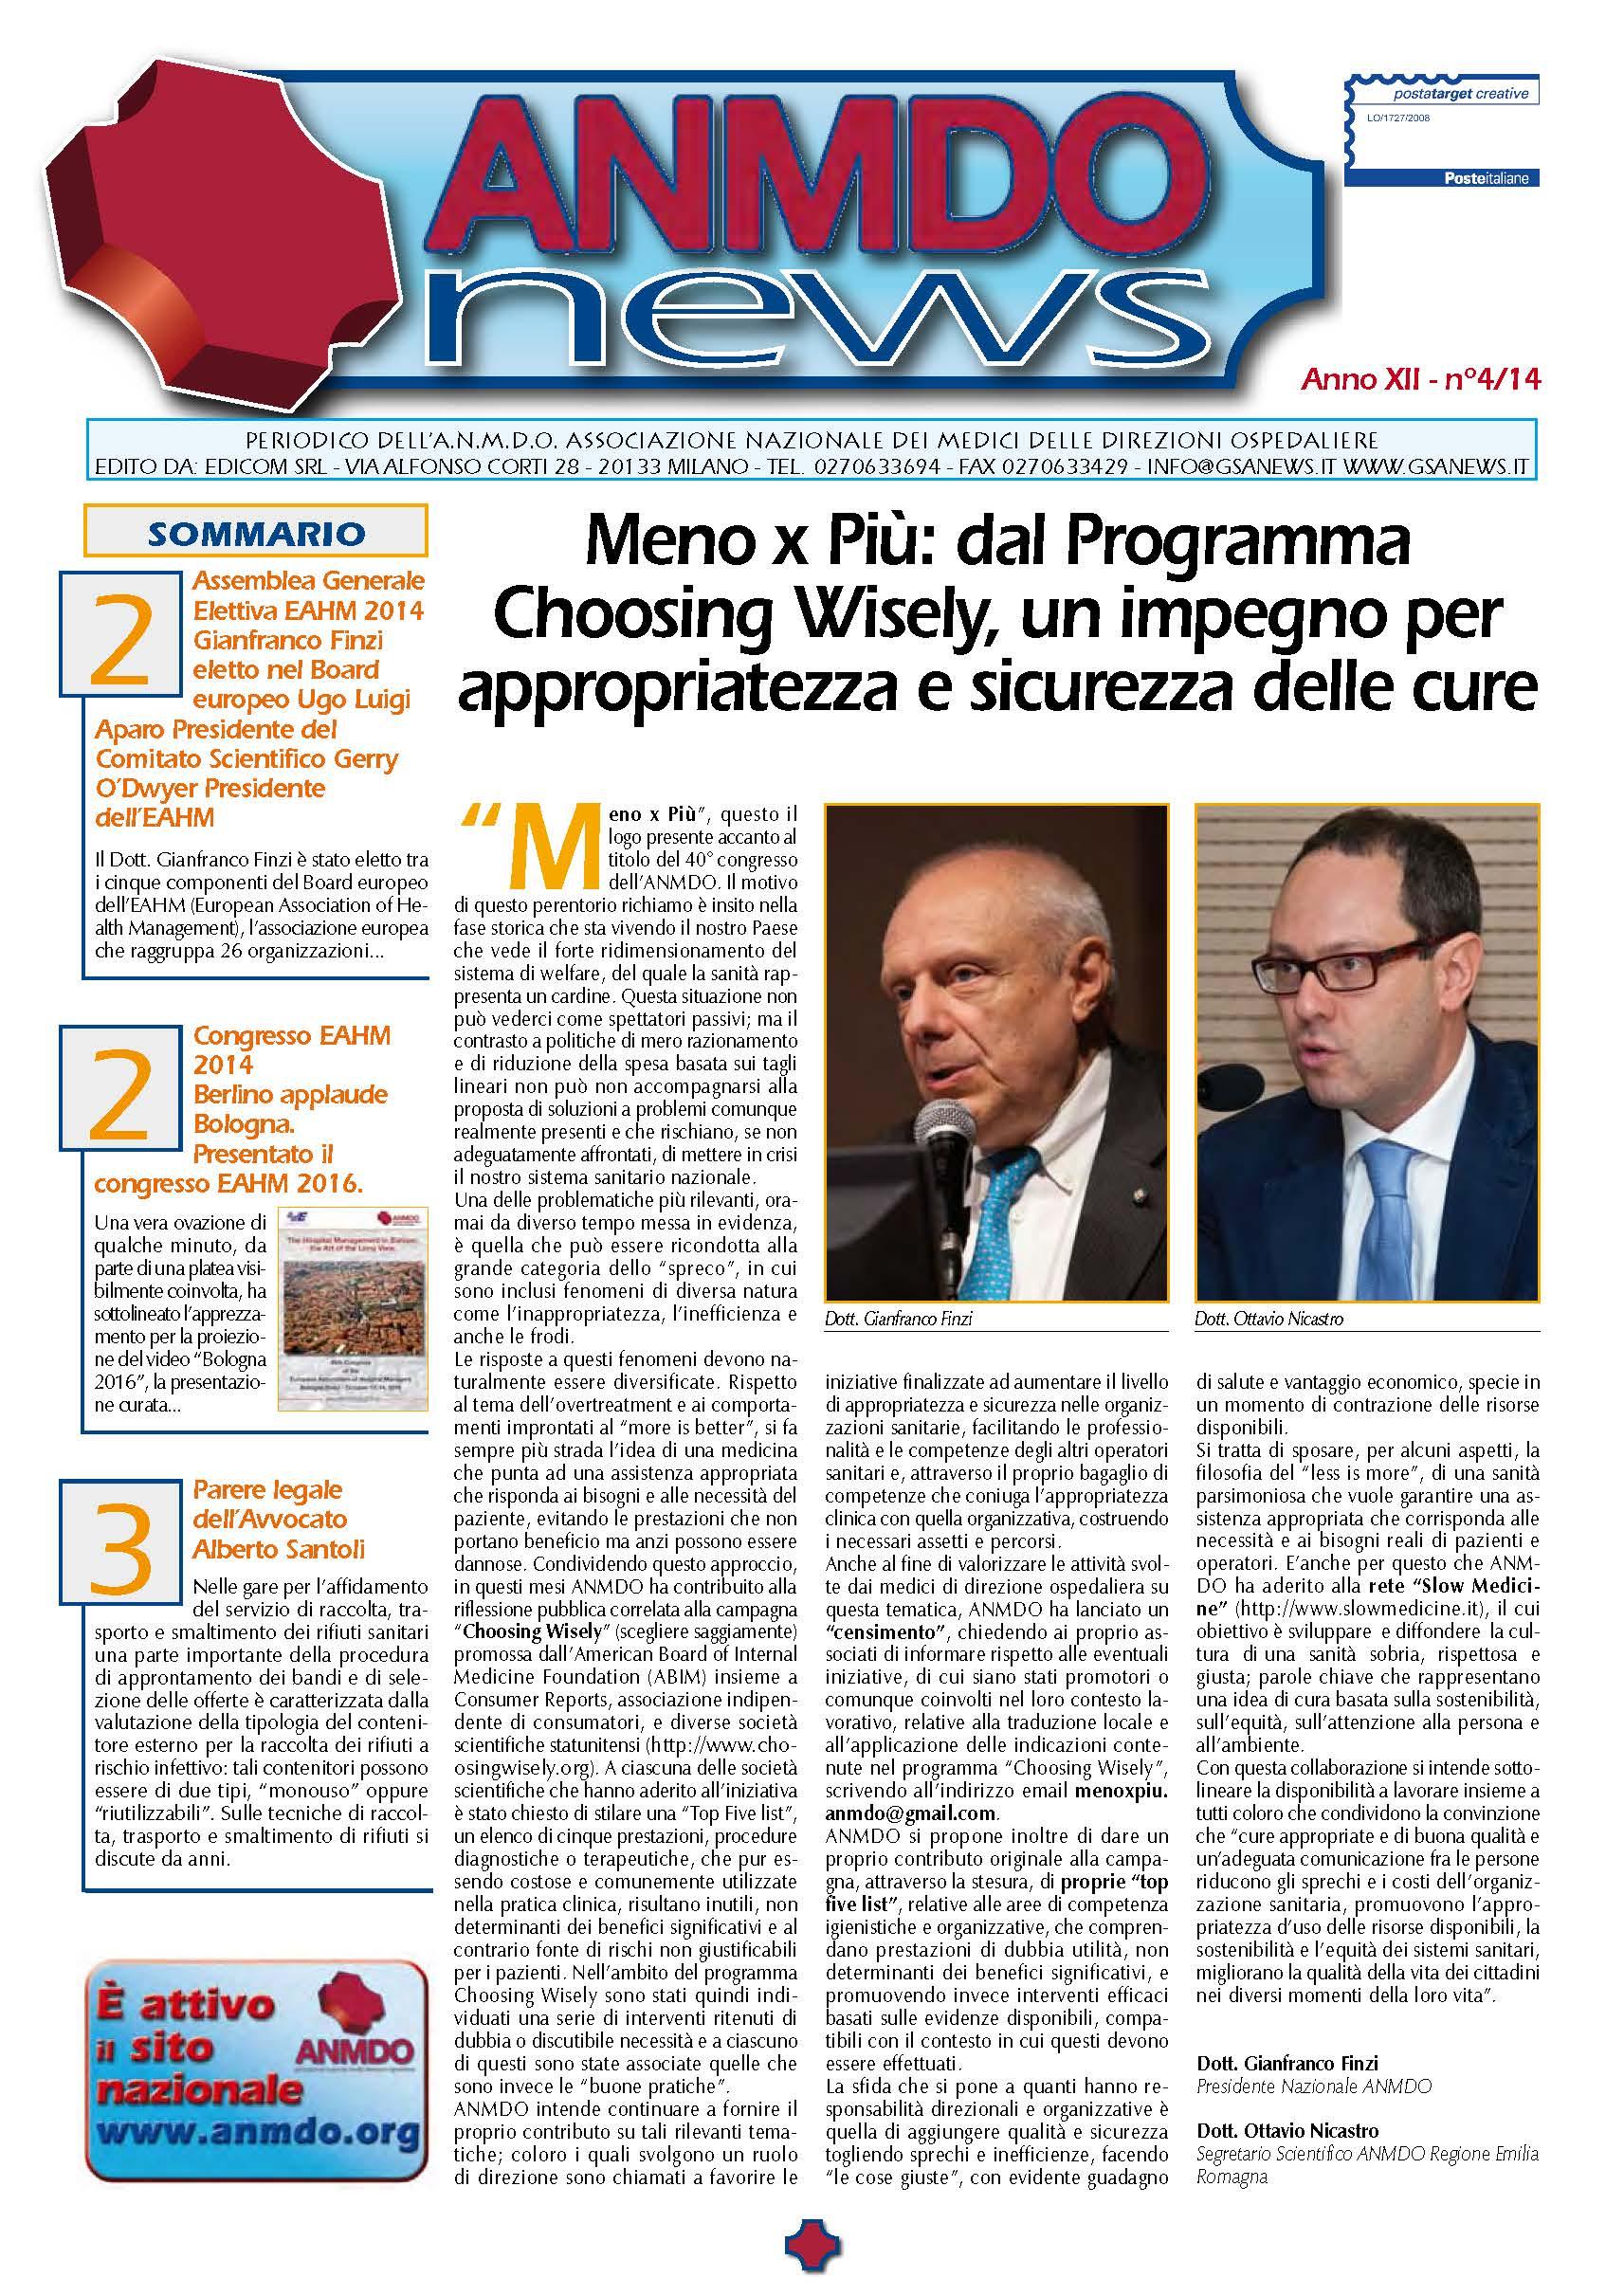 pagine-da-anmdonews_4_14